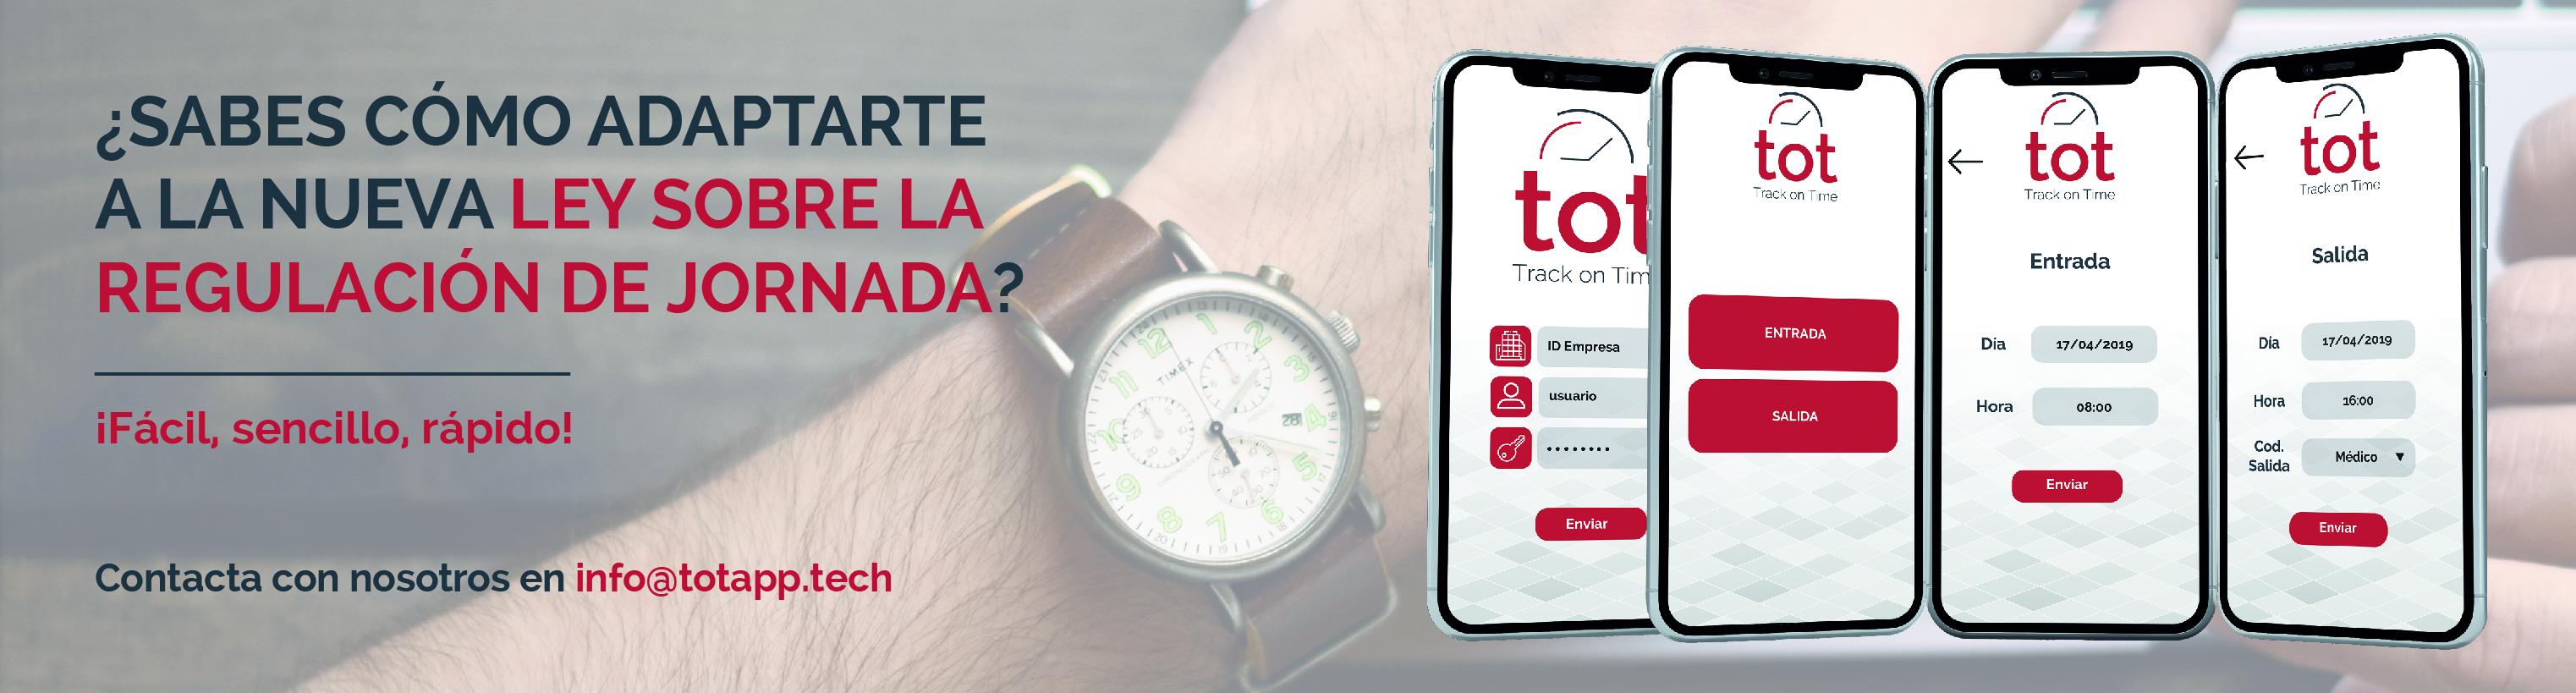 tot cistec app - Guía para adaptarse a la nueva Ley sobre registro de jornada laboral